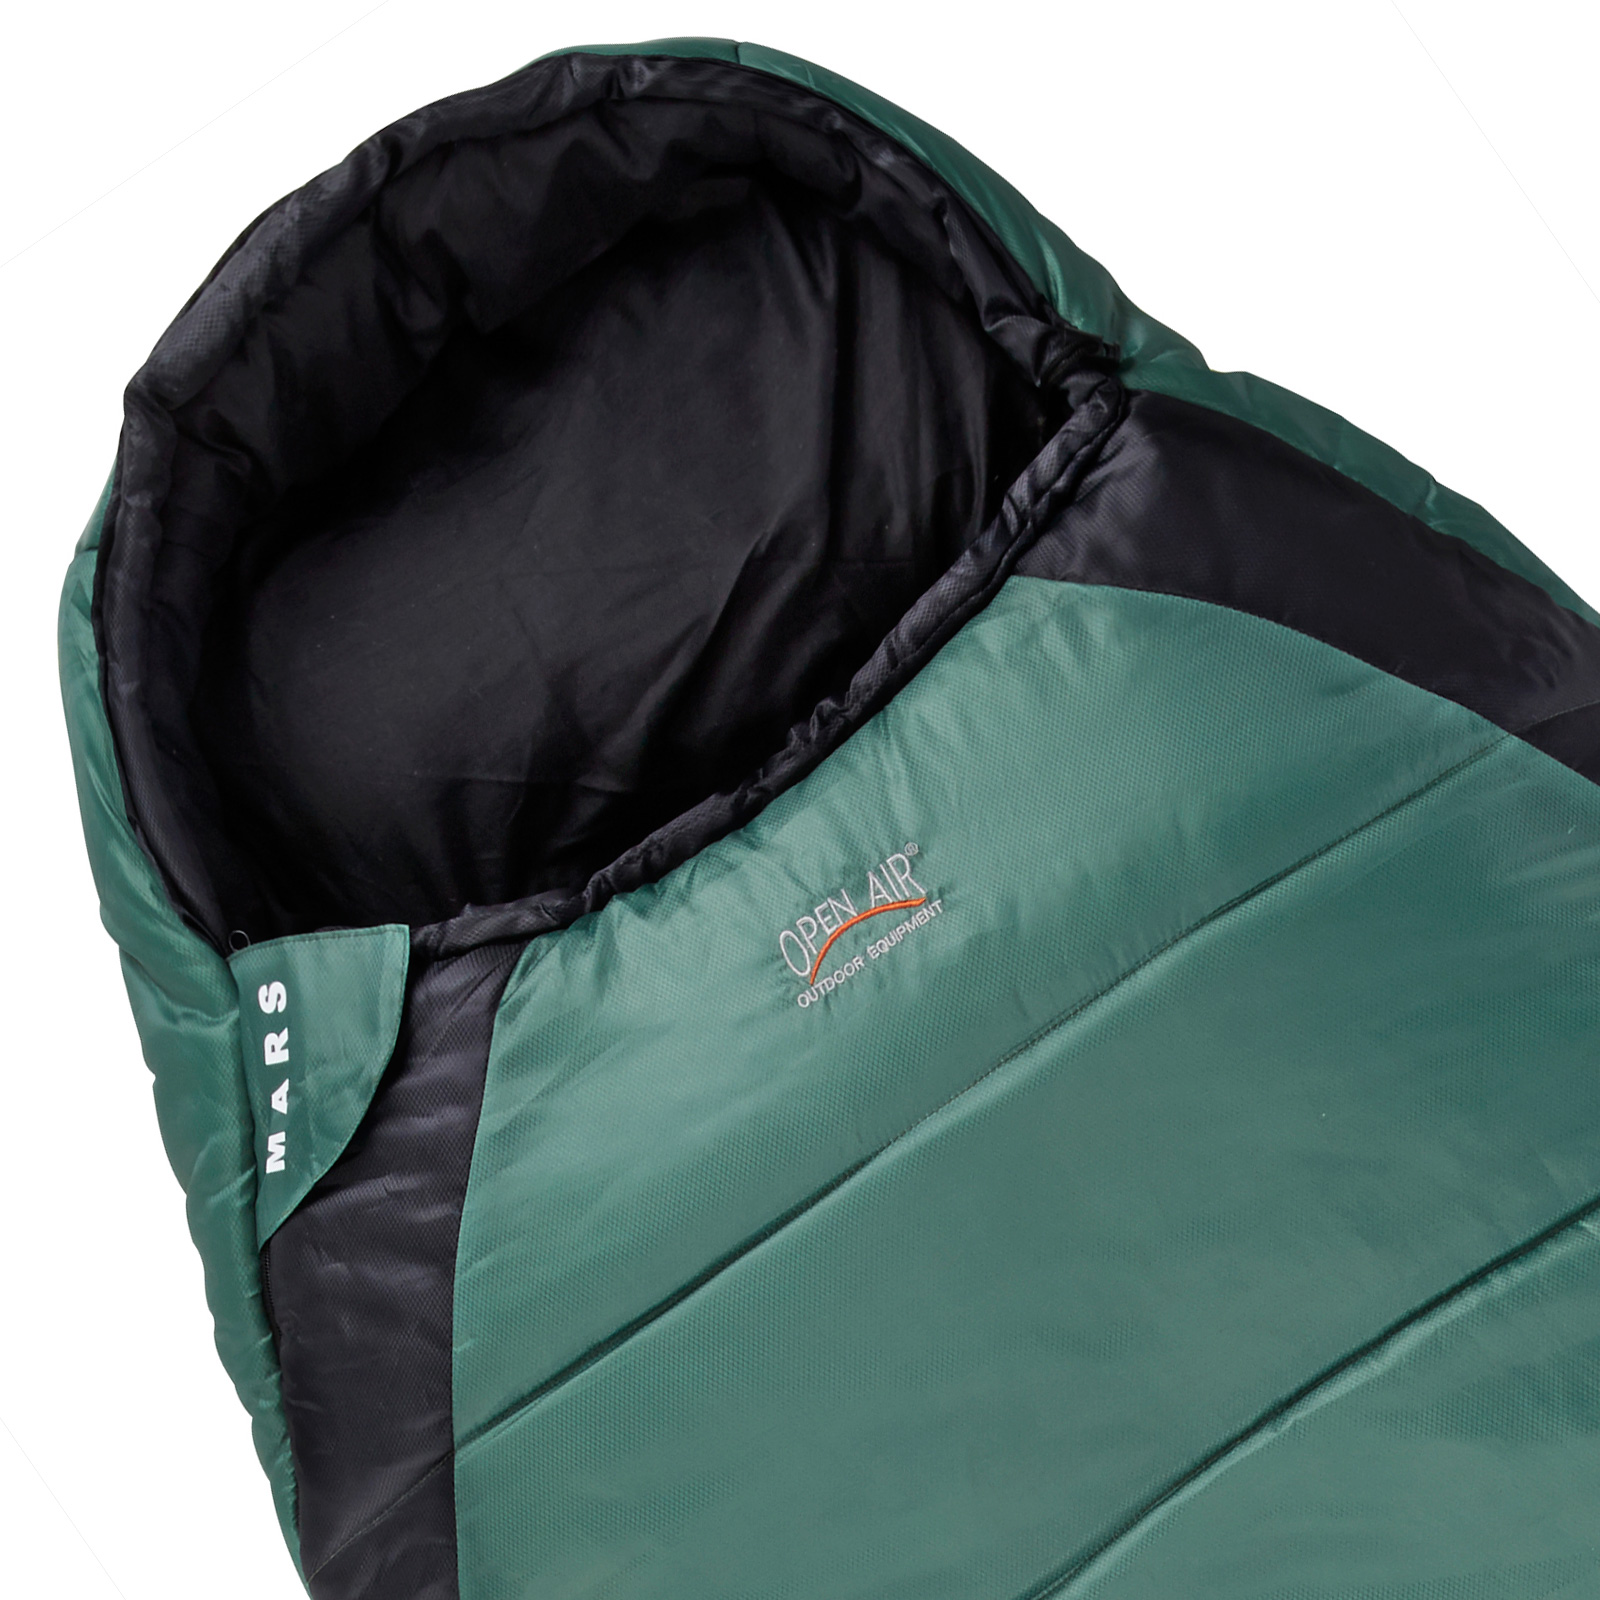 OPEN AIR Mumienschlafsack Mars XL 4 Jahreszeiten Schlafsack Camping Baumwolle